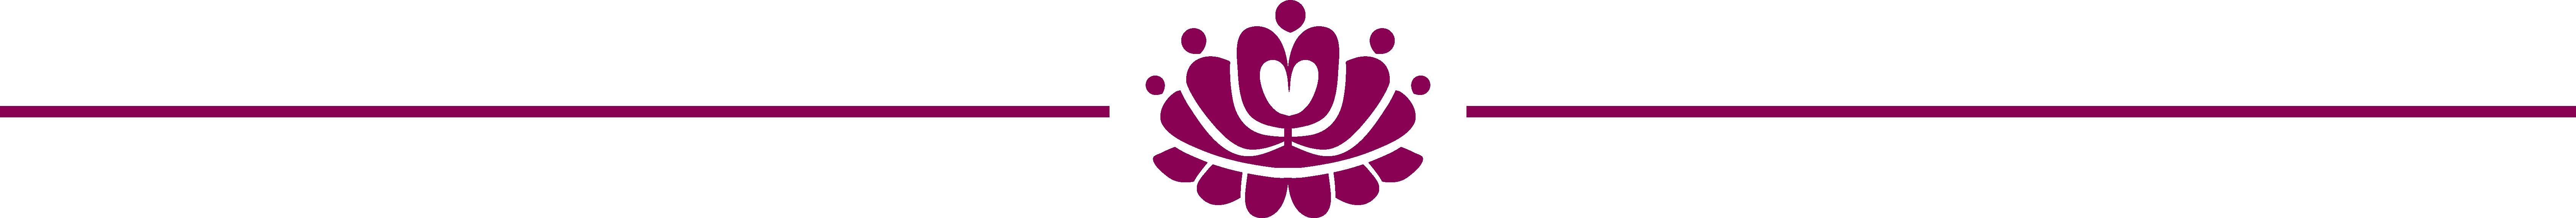 icon divider purple 50